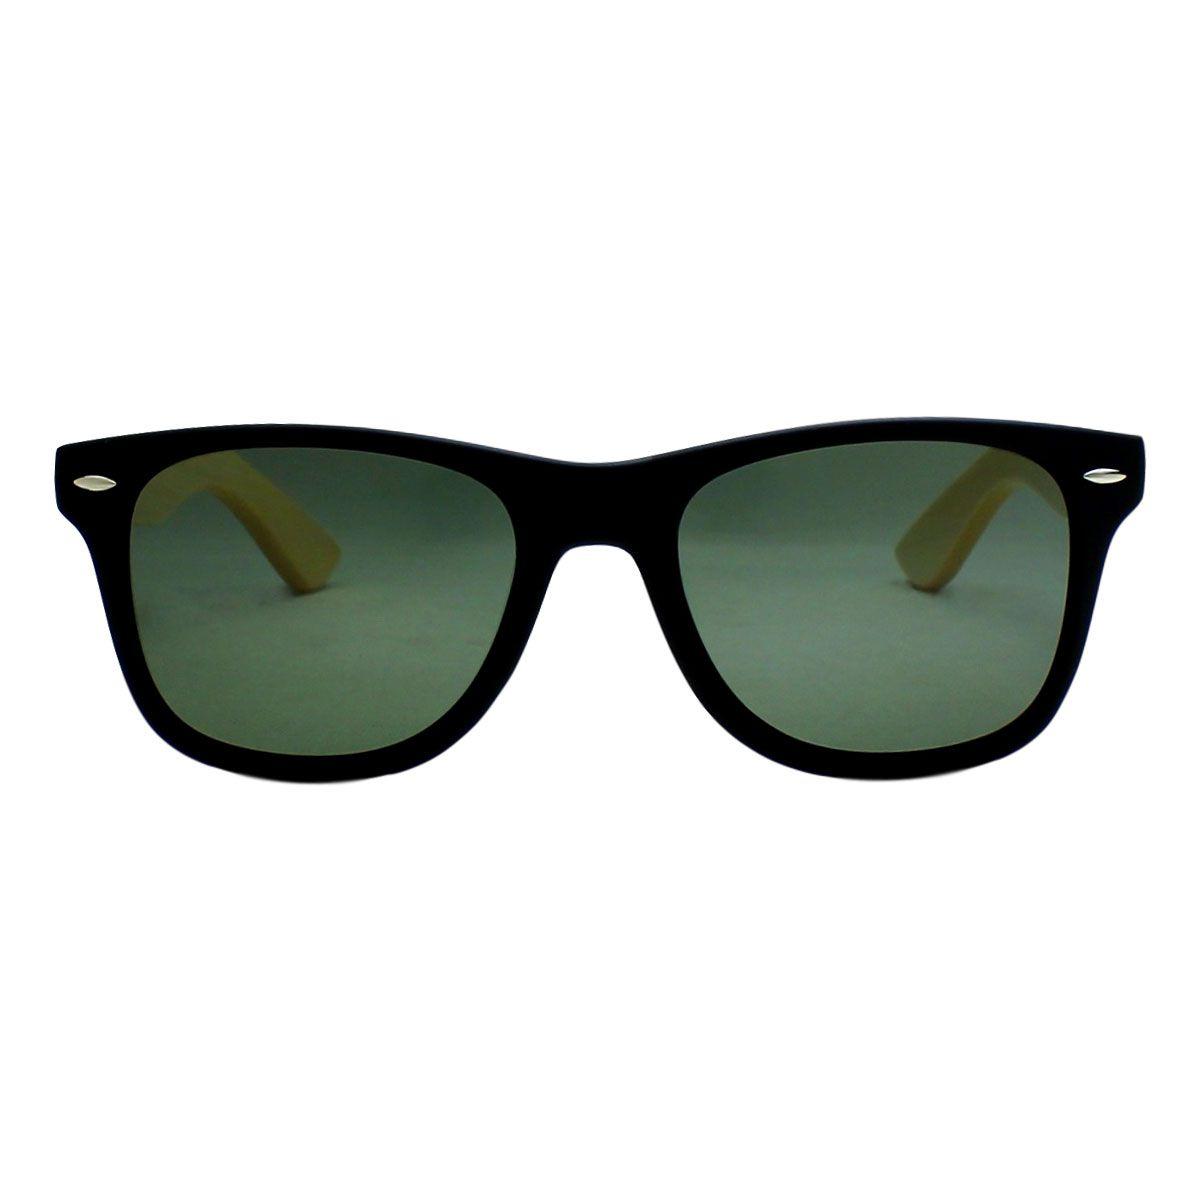 Óculos de sol Your Way 4284YW Hastes Bambu Lentes Polarizadas G-15 - Preto